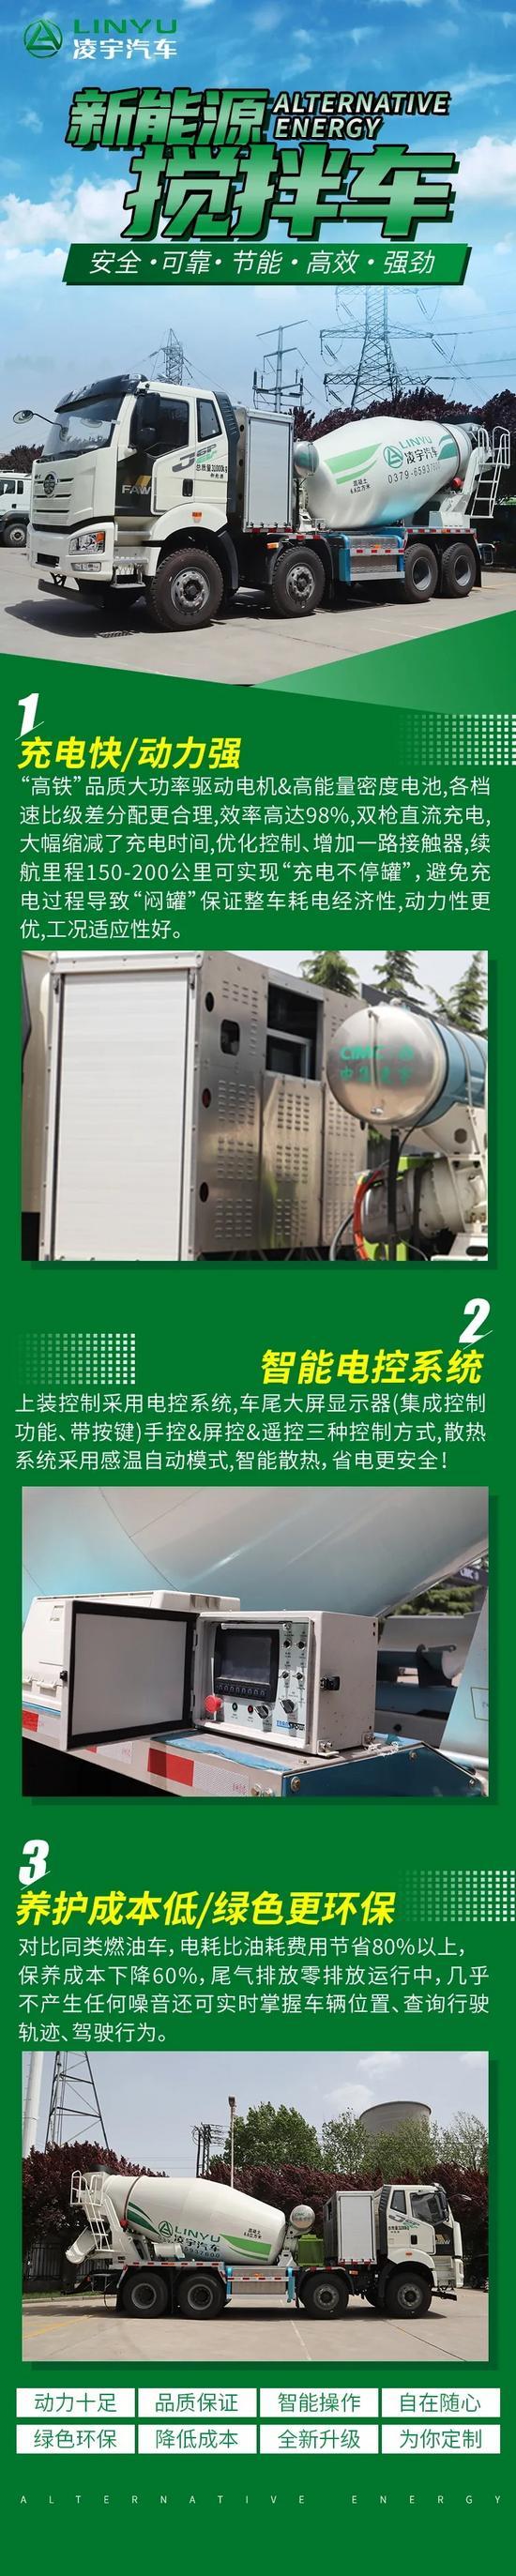 綠色領航,凌宇先行:新能源攪拌車引領電動新時代